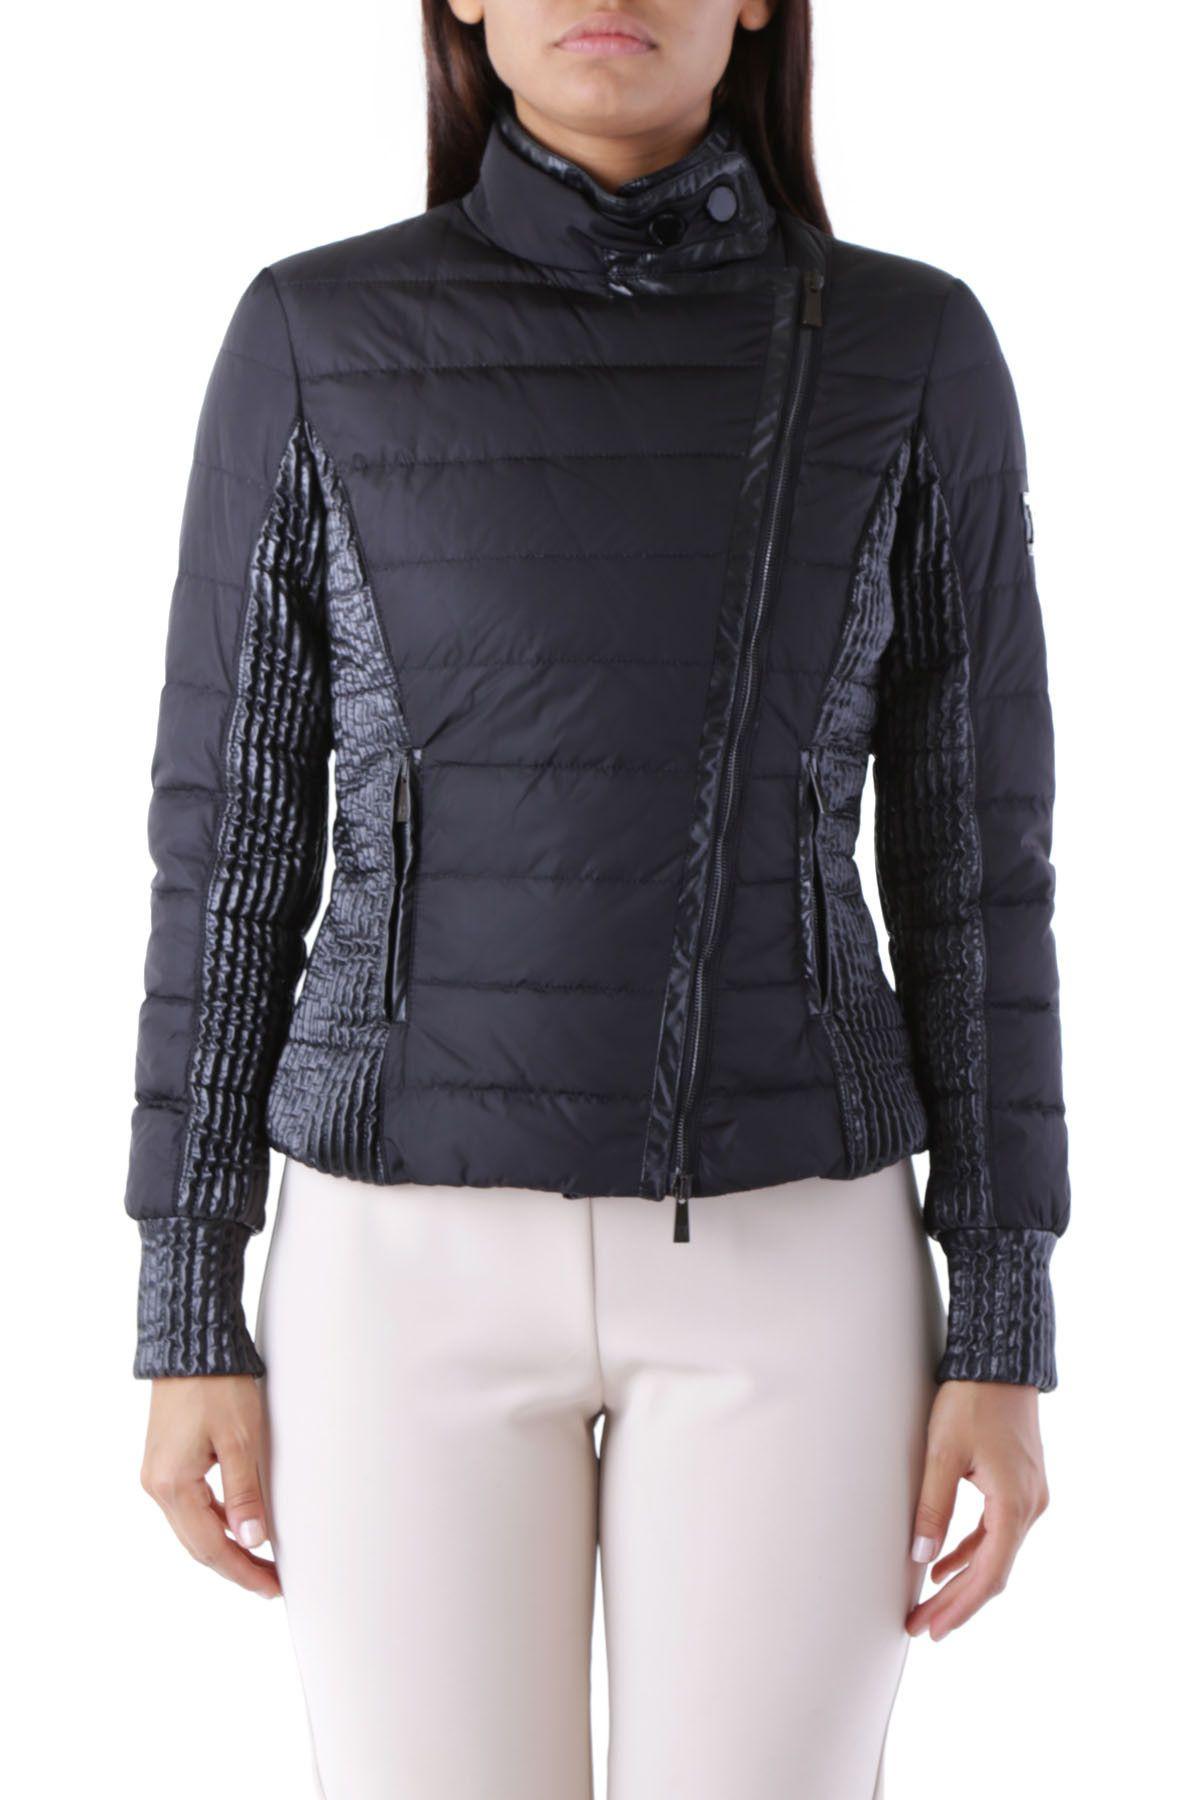 Husky Women's Jacket In Black